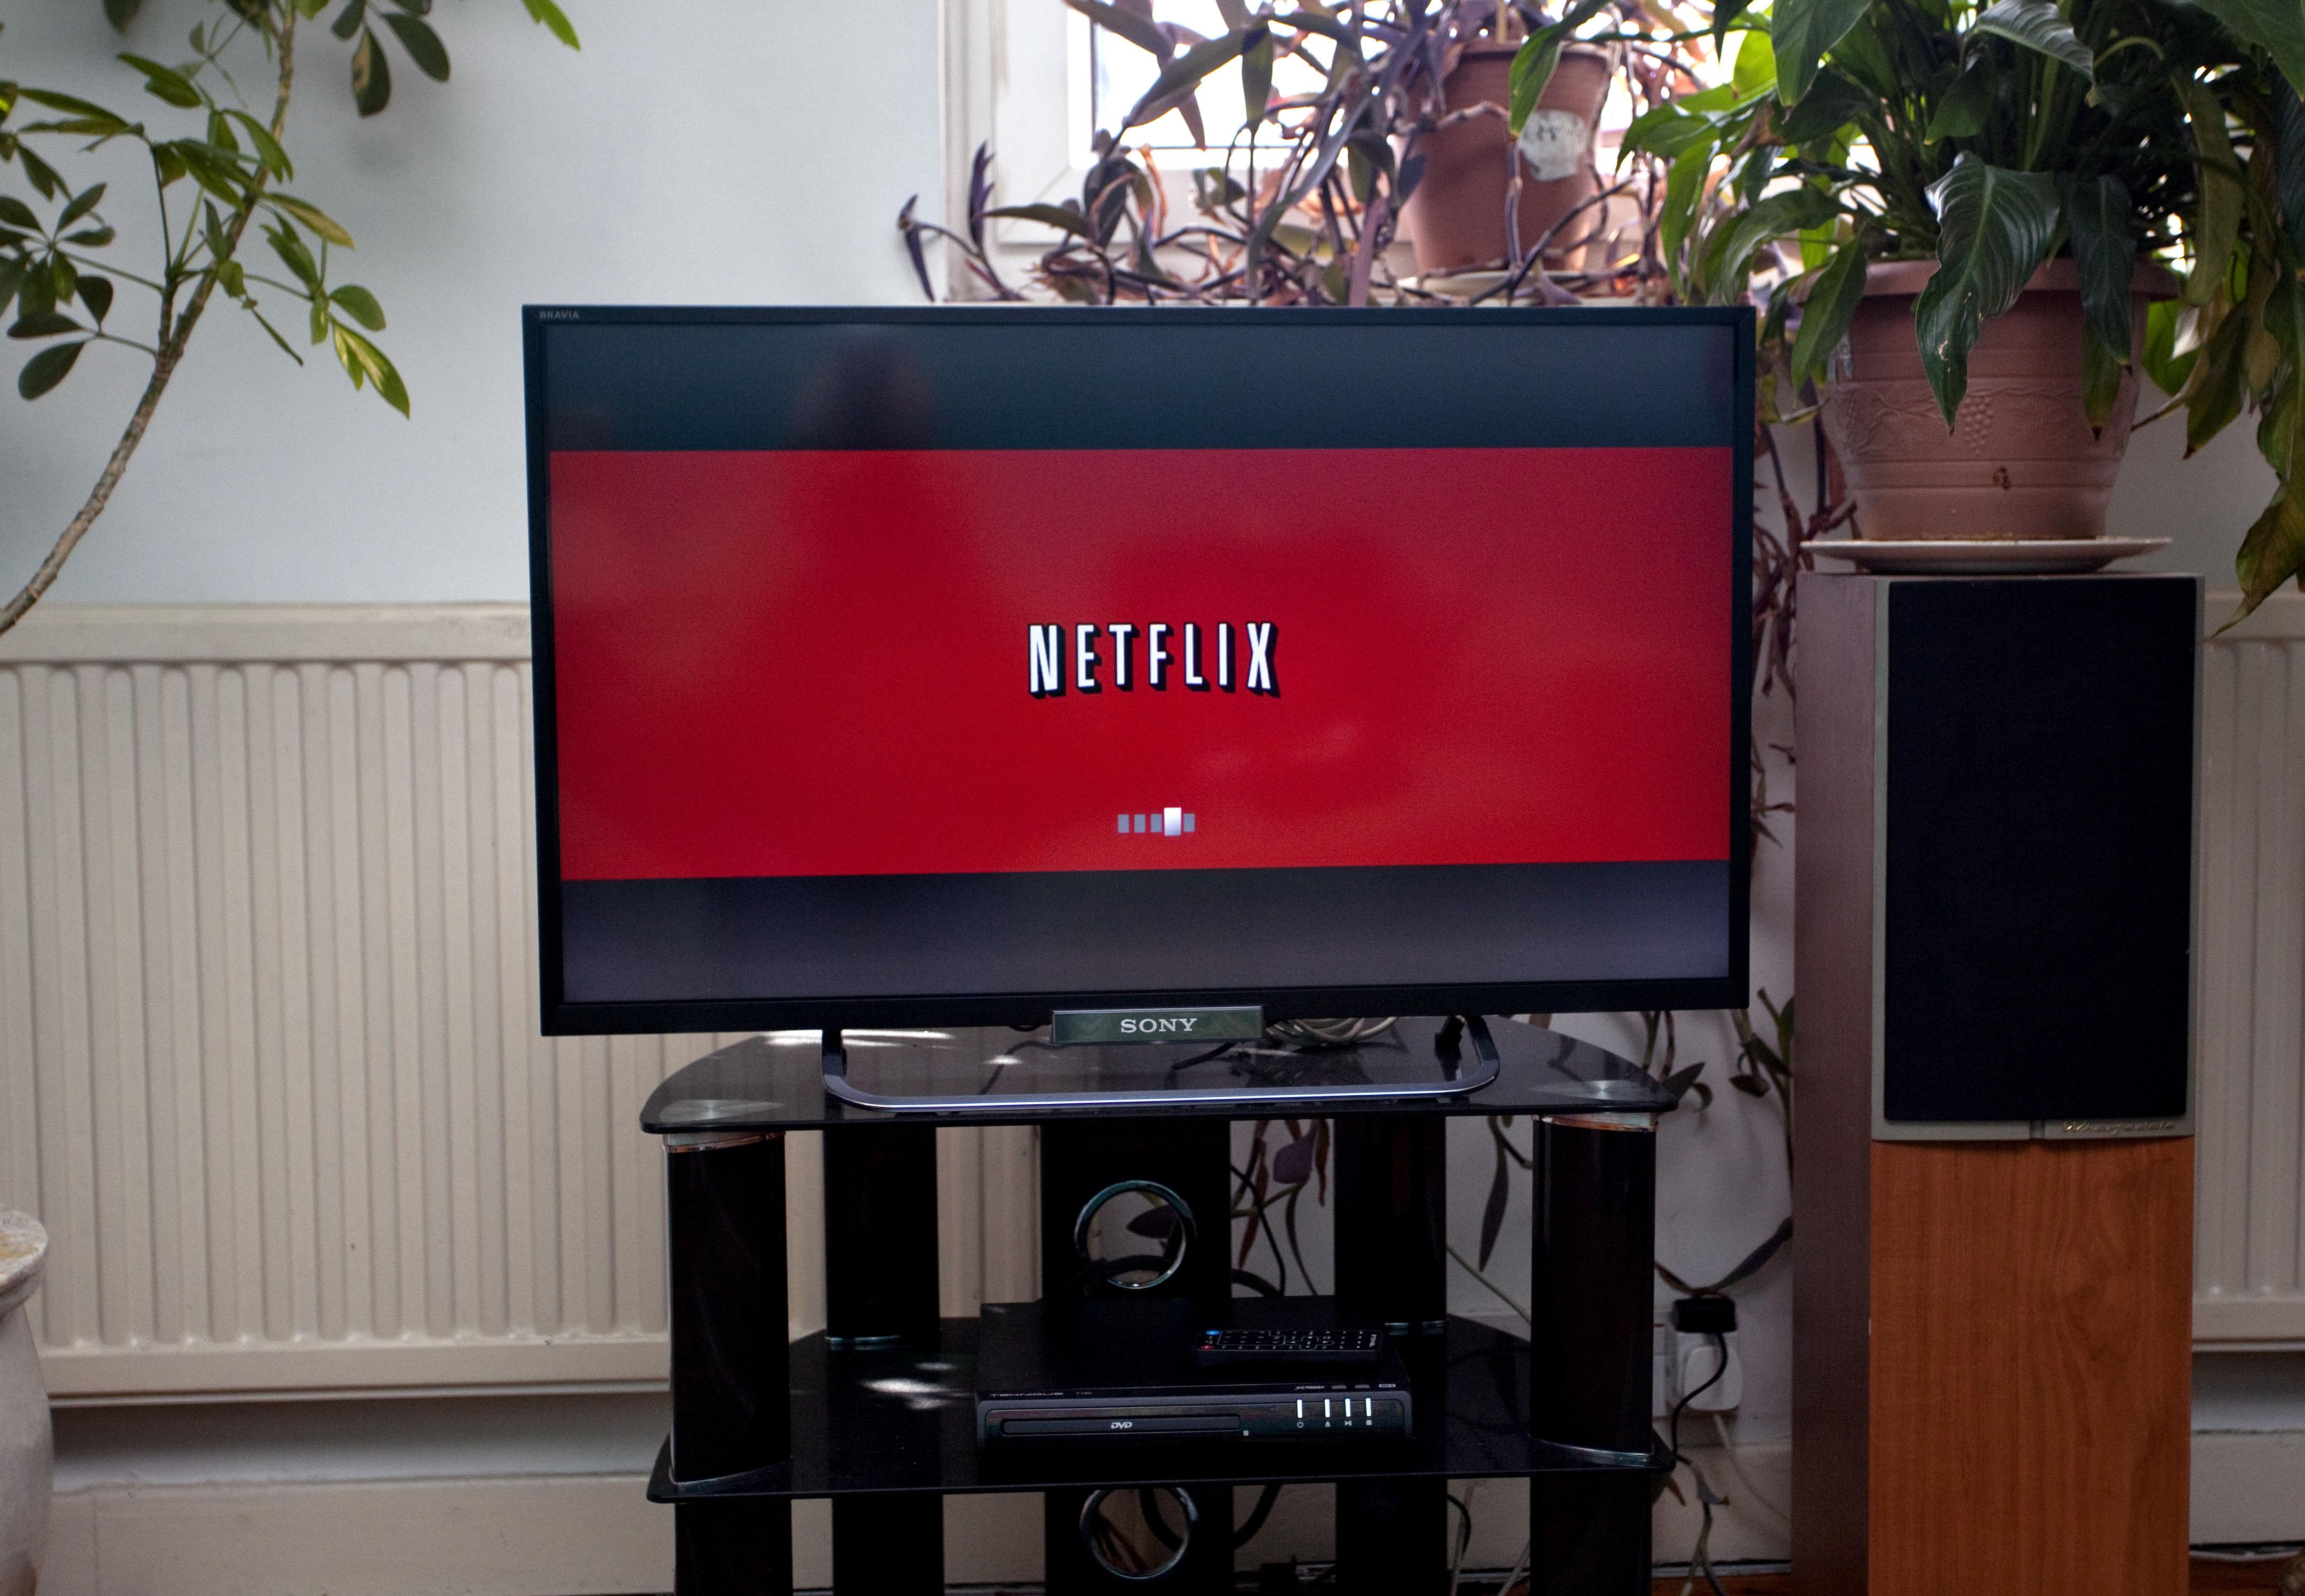 Netflix på en tv-skærm (Foto: All Over)